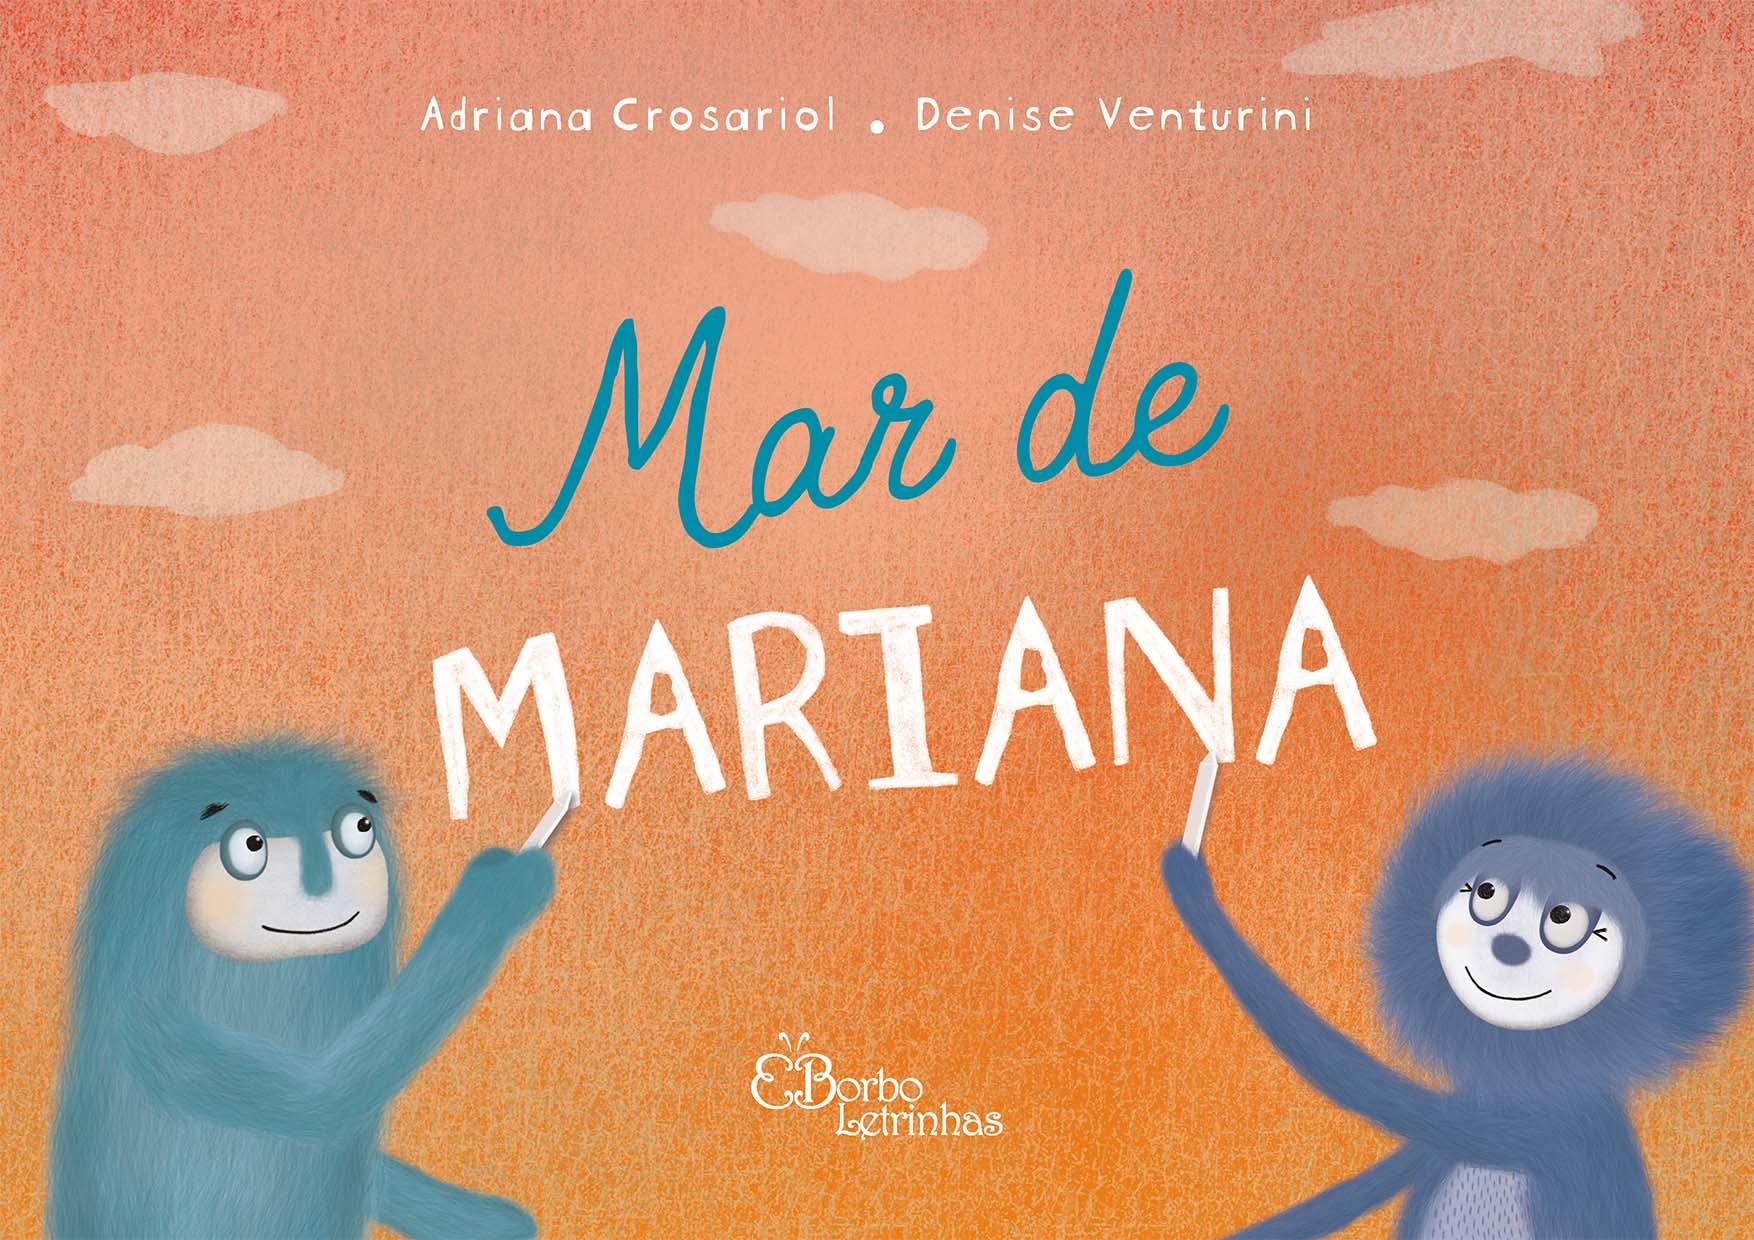 Mar de Mariana